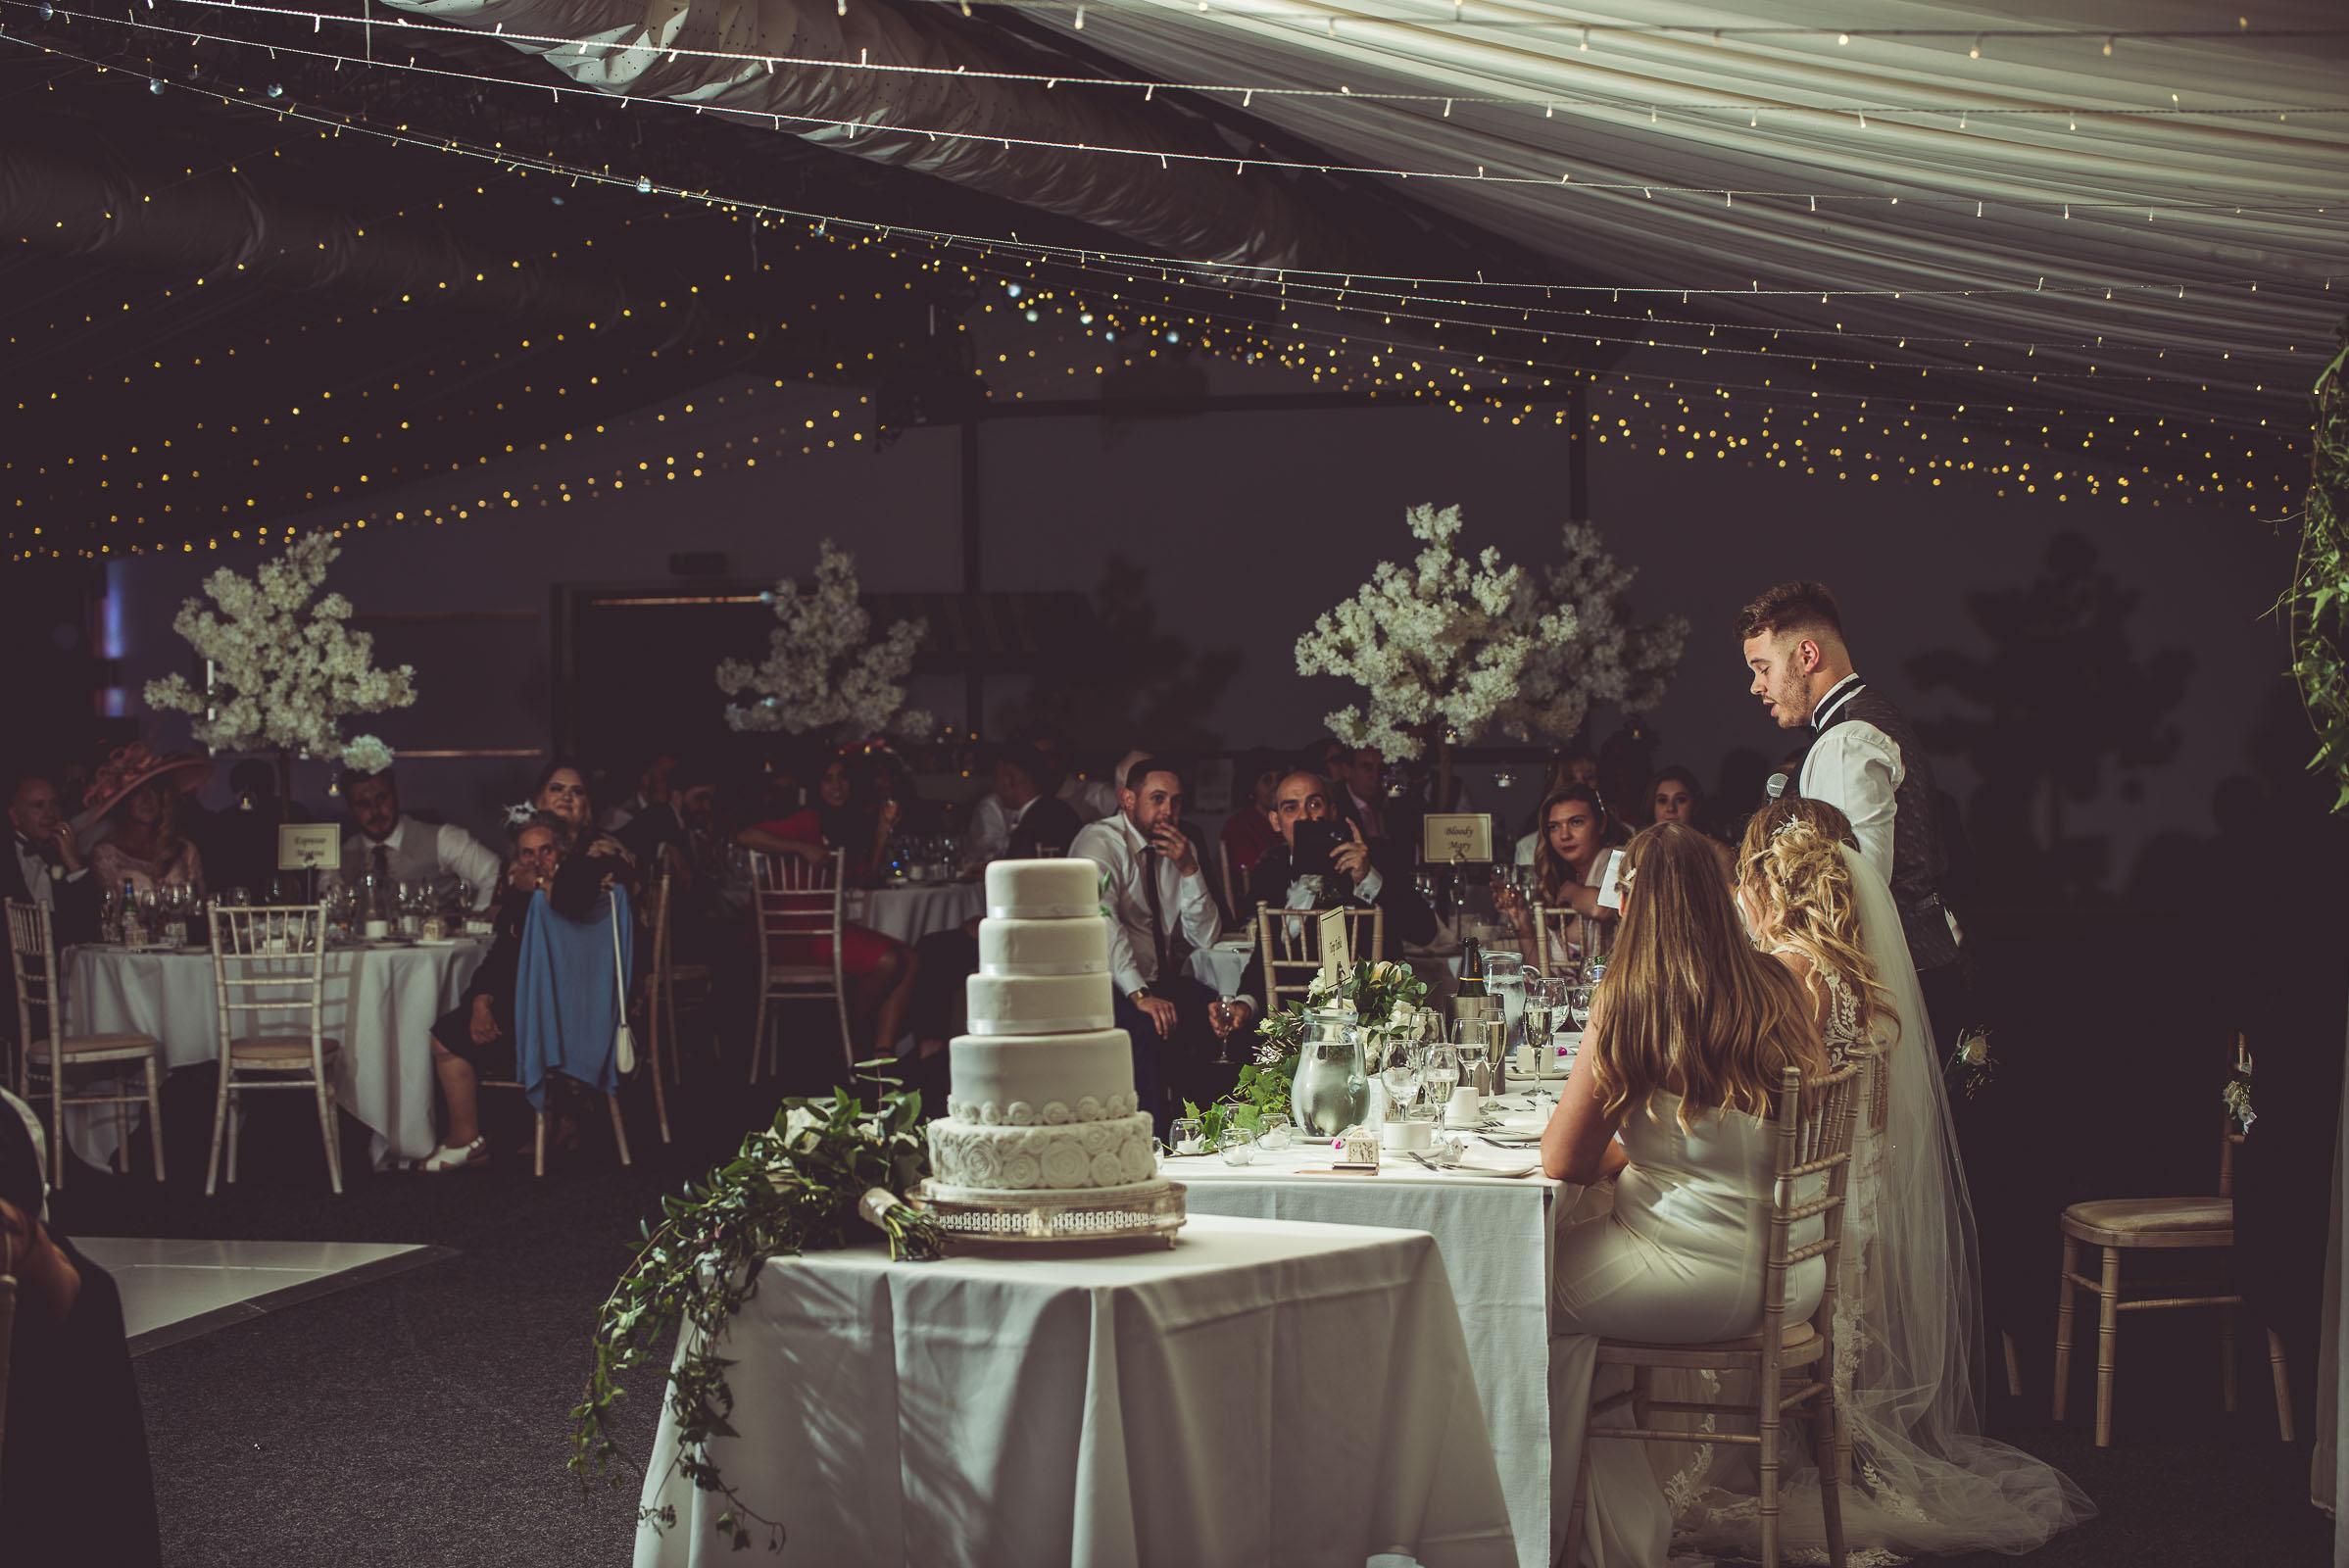 Lutonhoo-wedding-Bedfordshire-Datchworth-Tewinburyfarm-67.jpg